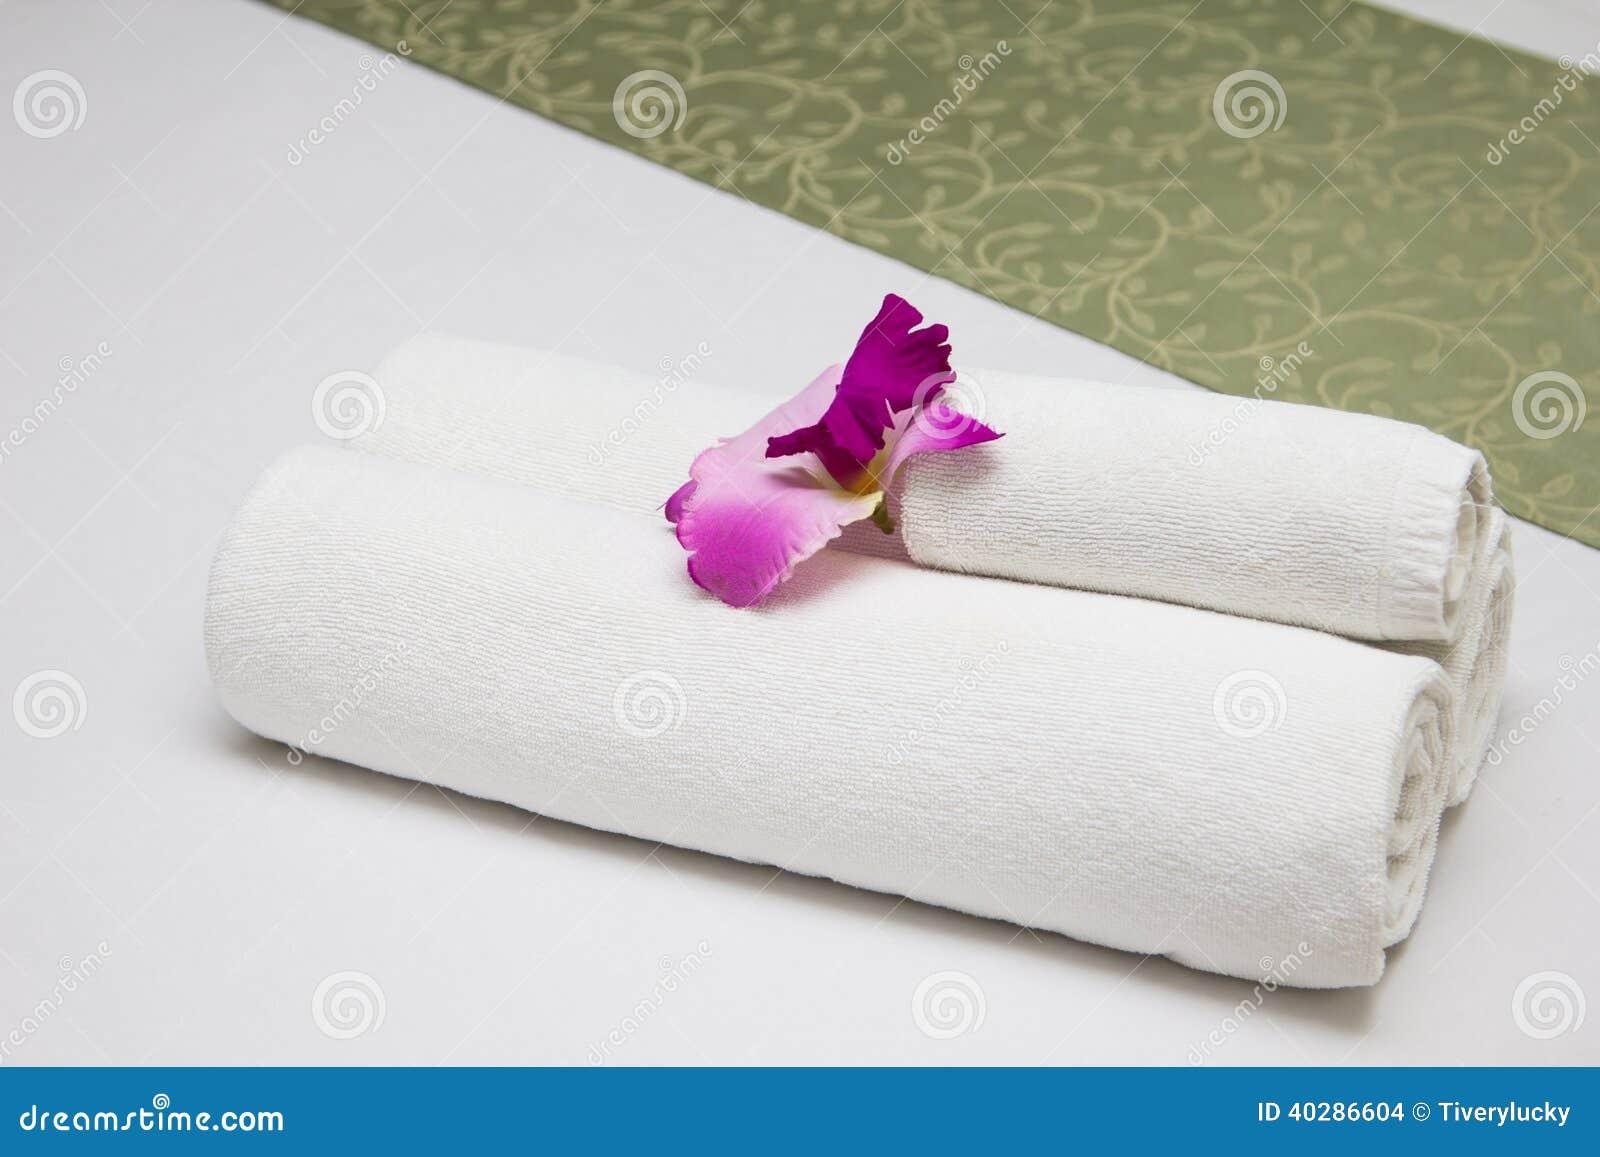 Полотенца на кровати